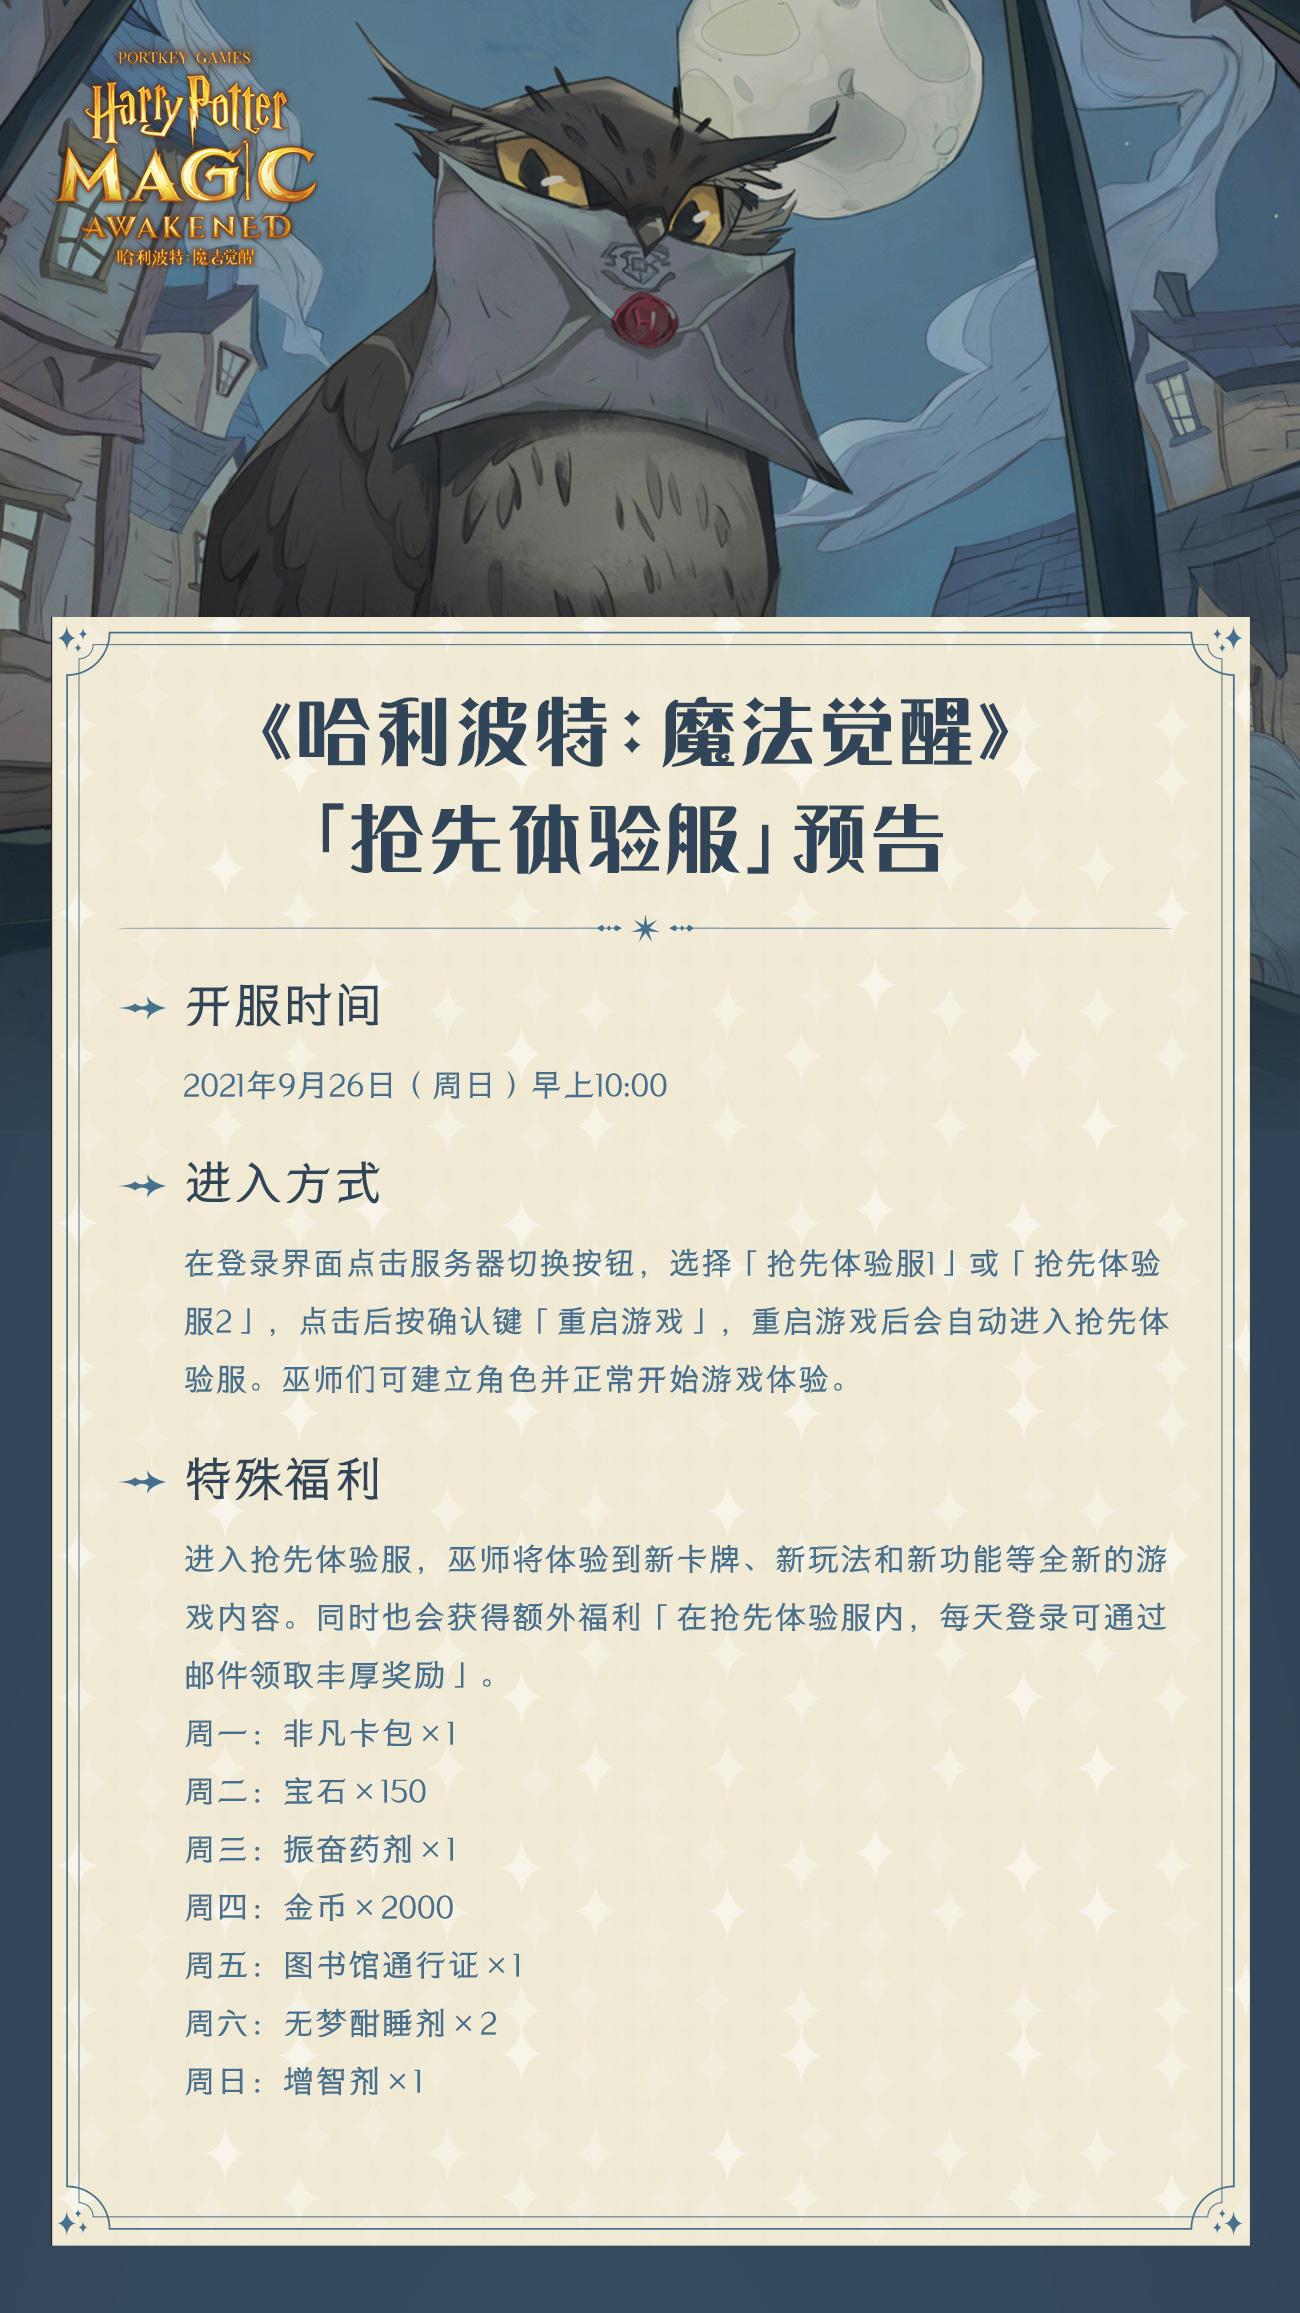 """【巫师快讯】哈利波特手游""""抢先体验服""""预告"""